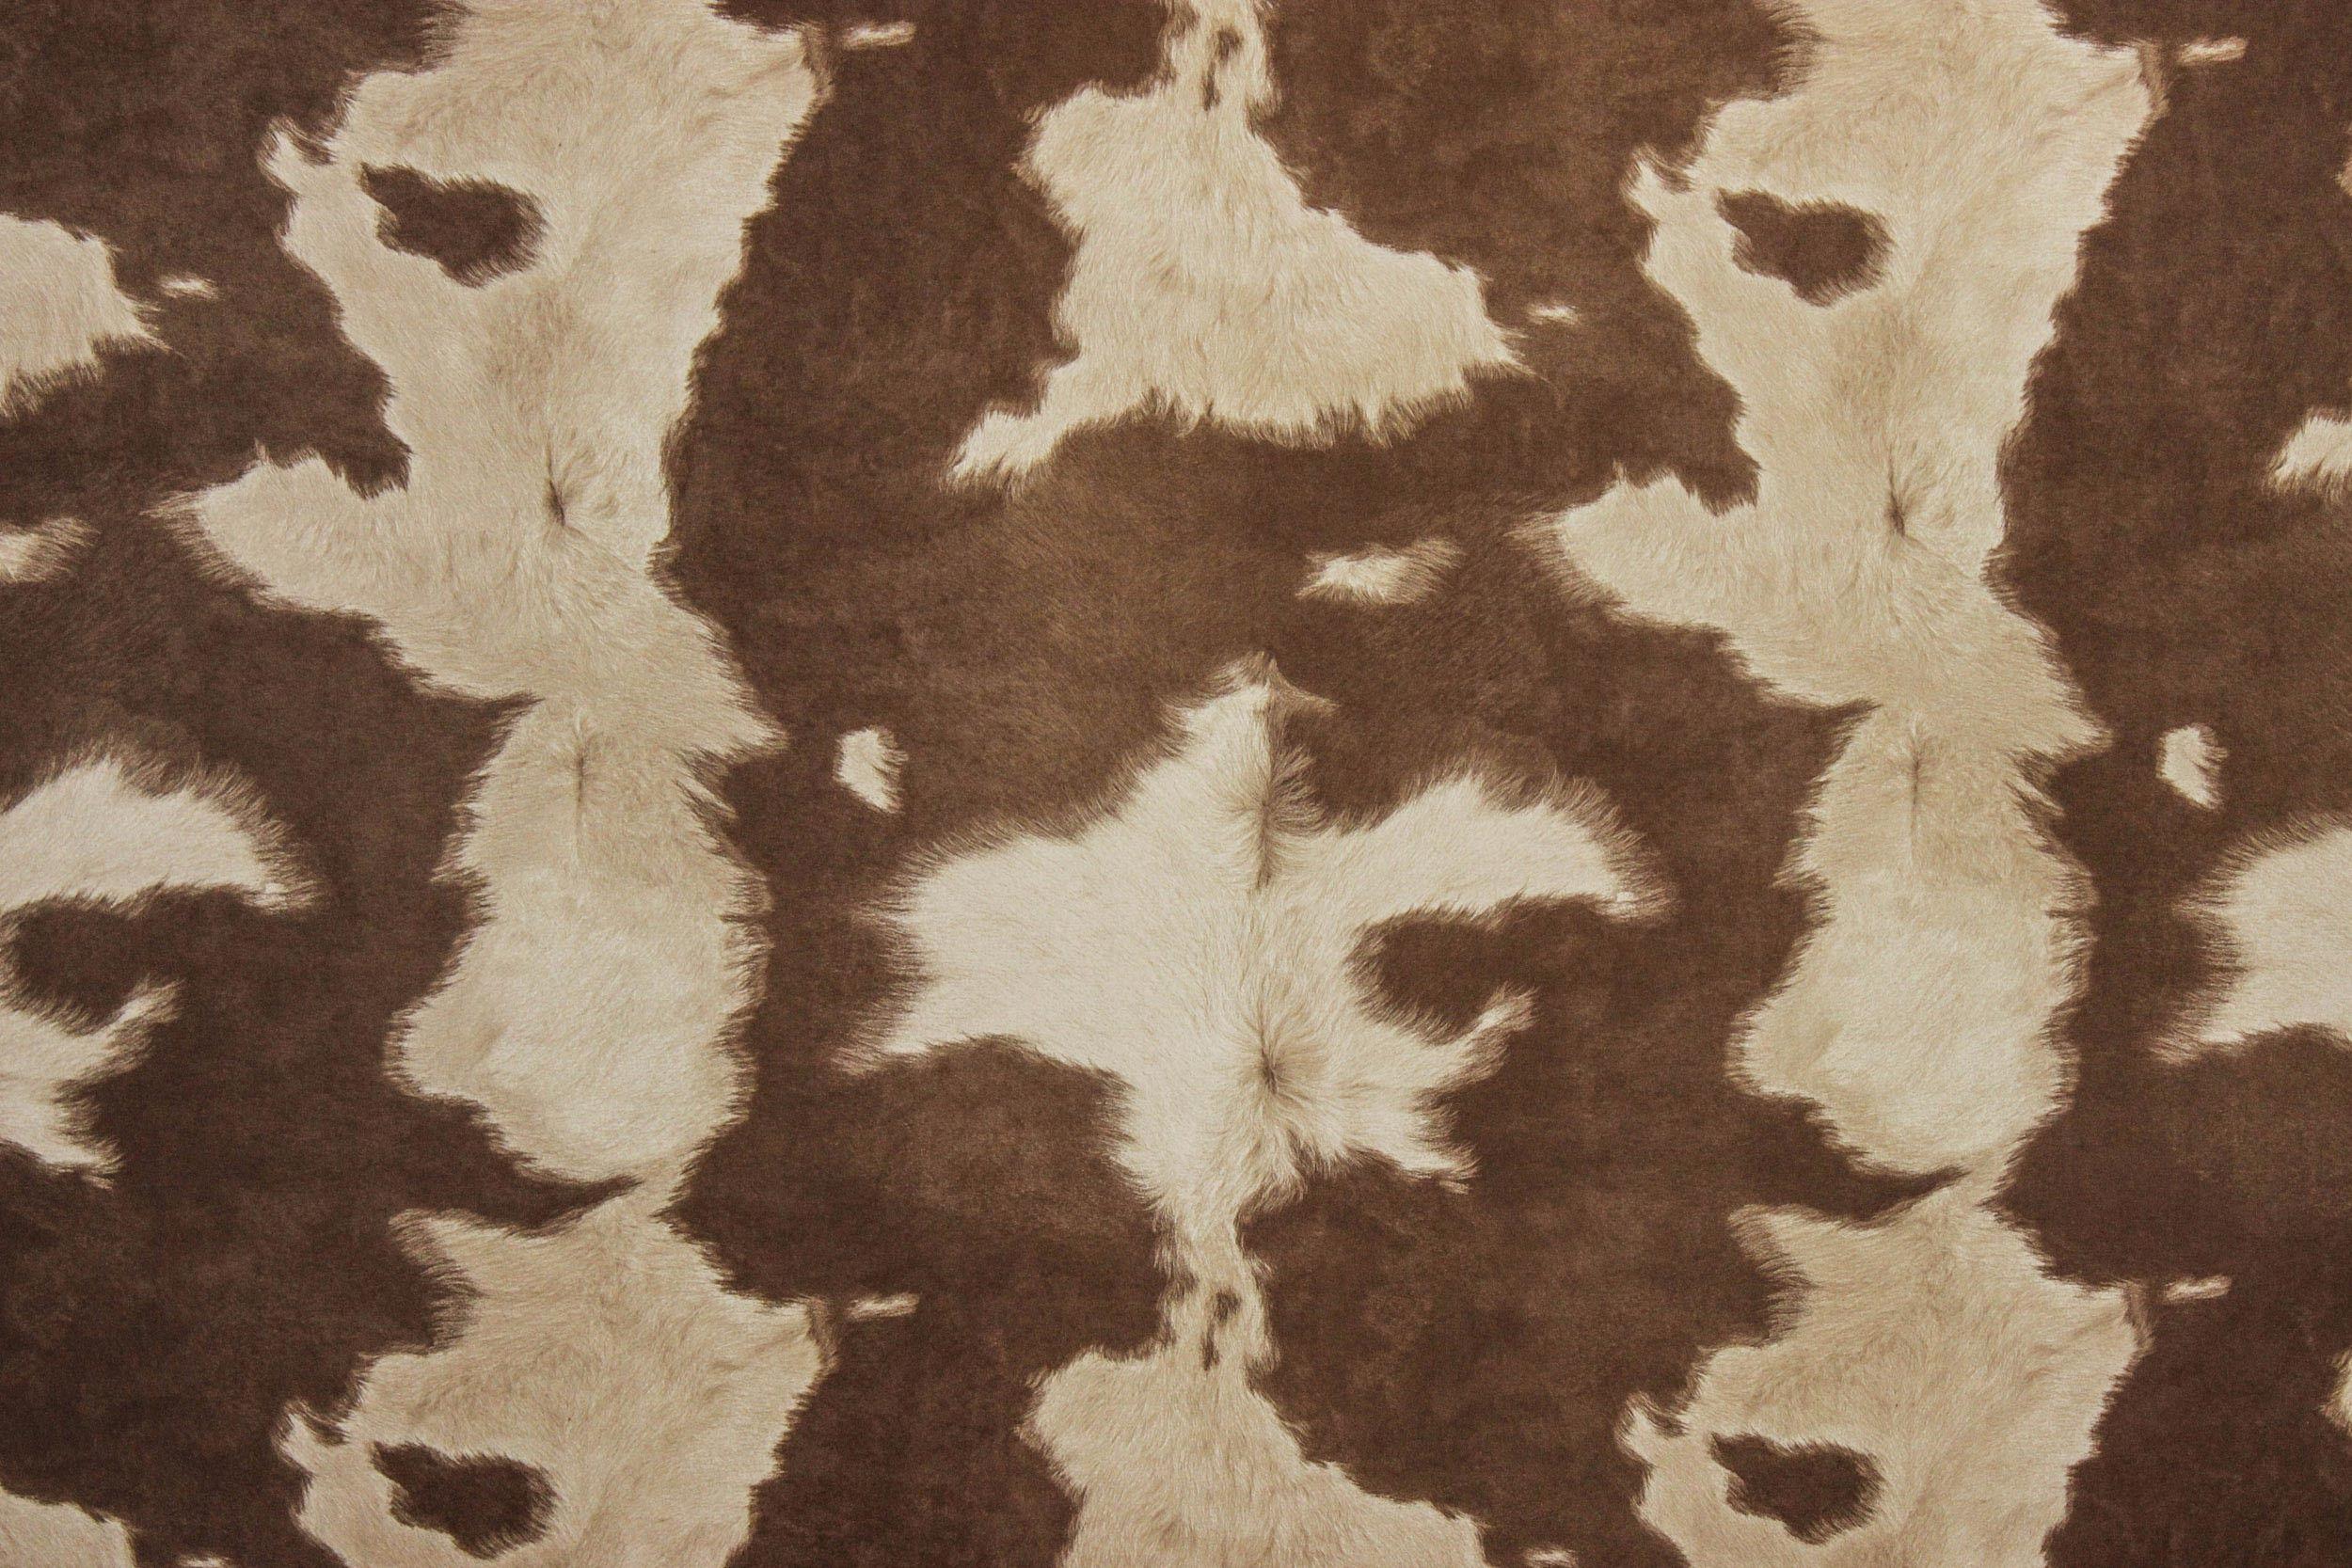 Cowhide brownwhite cowhide fabric cowhide animal